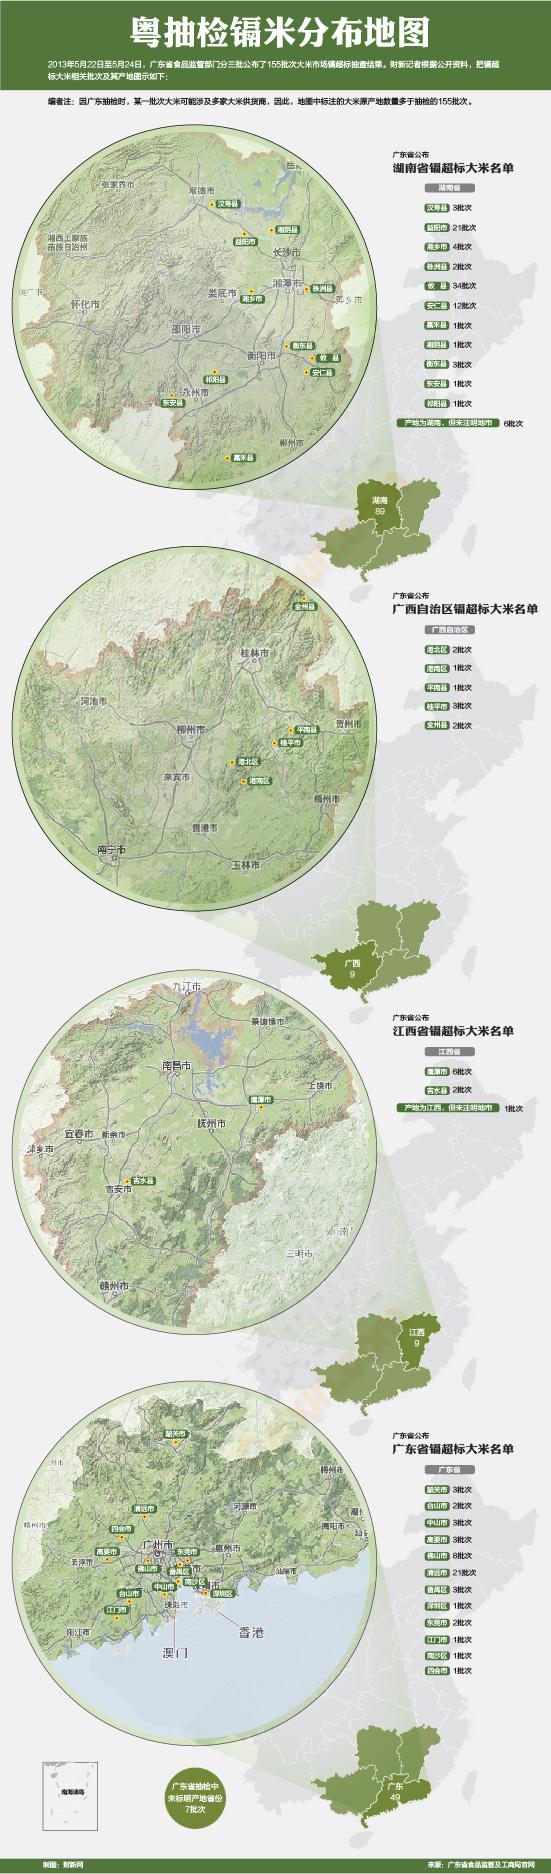 广东三次镉米抽查结果分布图